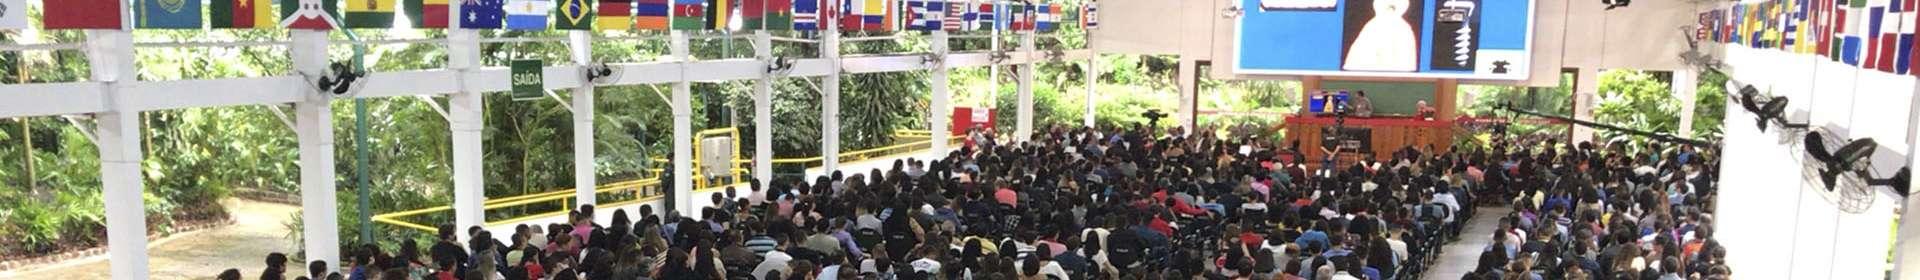 Igreja Cristã Maranata aborda temática Ciência e Fé em seminário para jovens